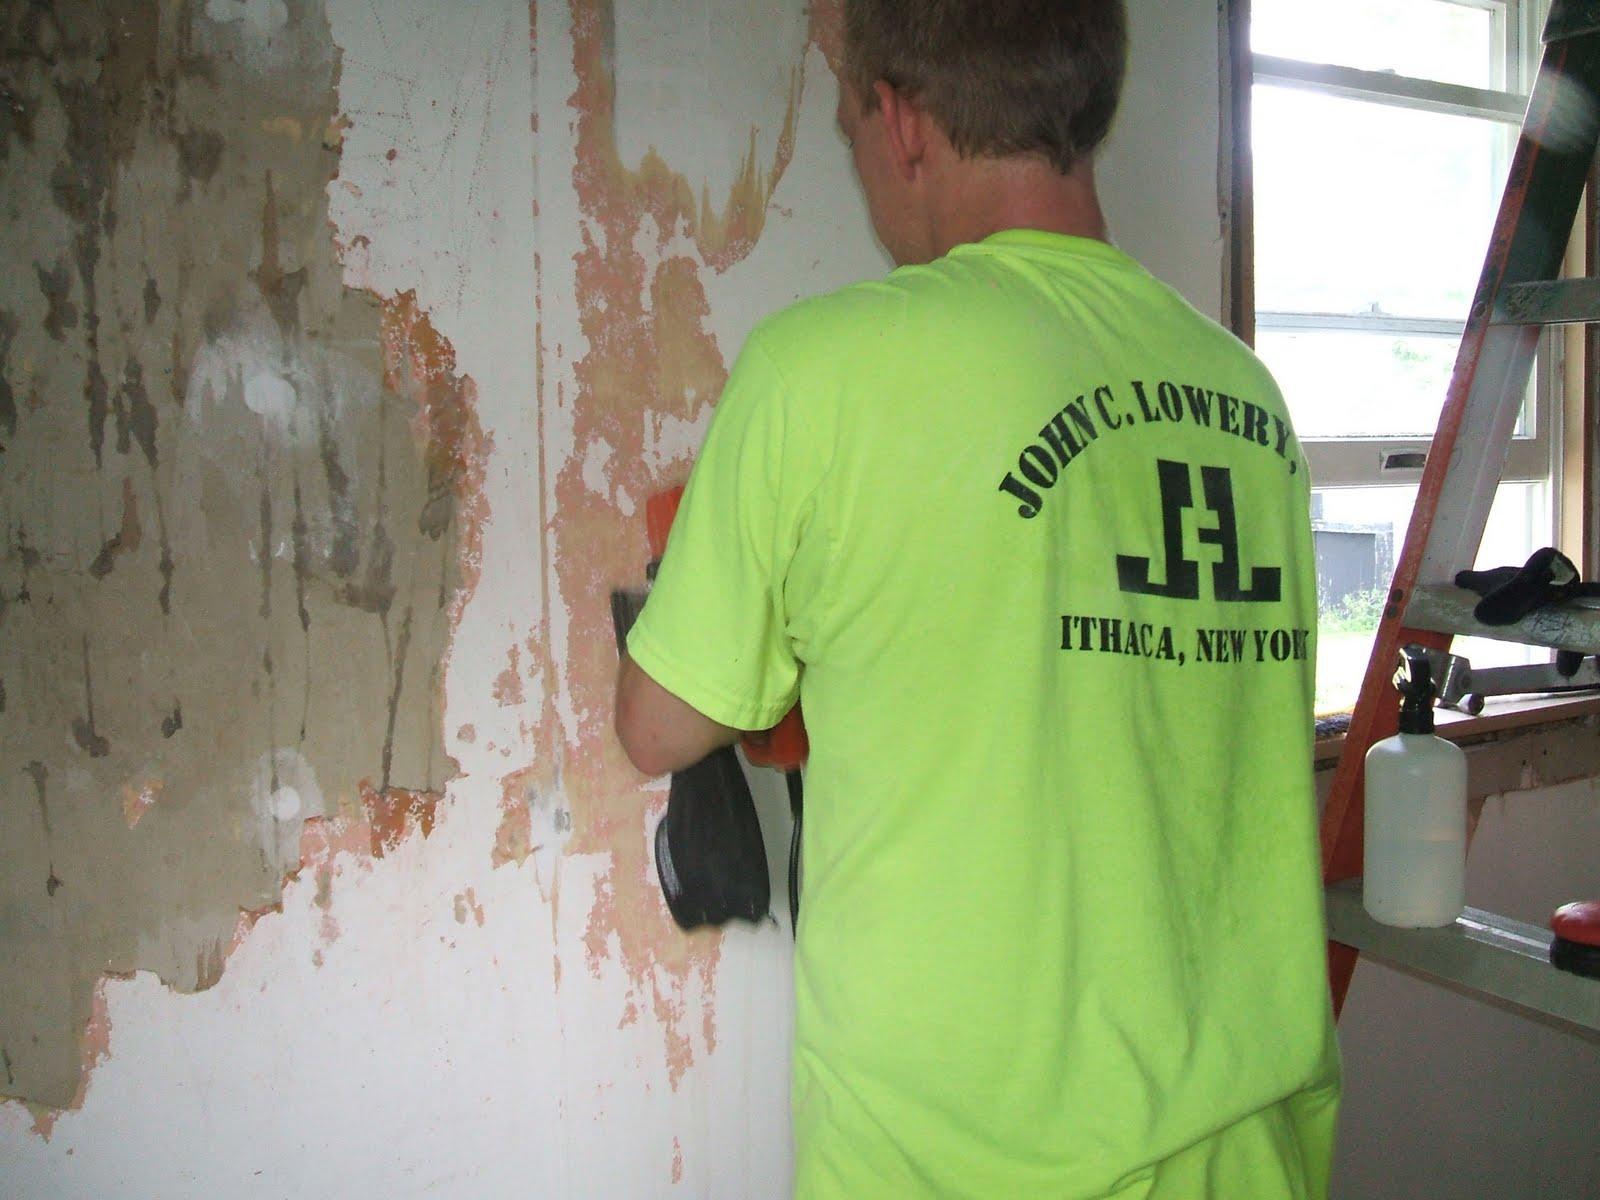 http://3.bp.blogspot.com/_kTkXC42XQPk/TIjgoFuM7xI/AAAAAAAAArE/xXqWtvTUpAQ/s1600/Home+Remodeling+Project+-+Spare+Room+Dan+Sanding+-+How+to+Remove+Wallpaper.JPG